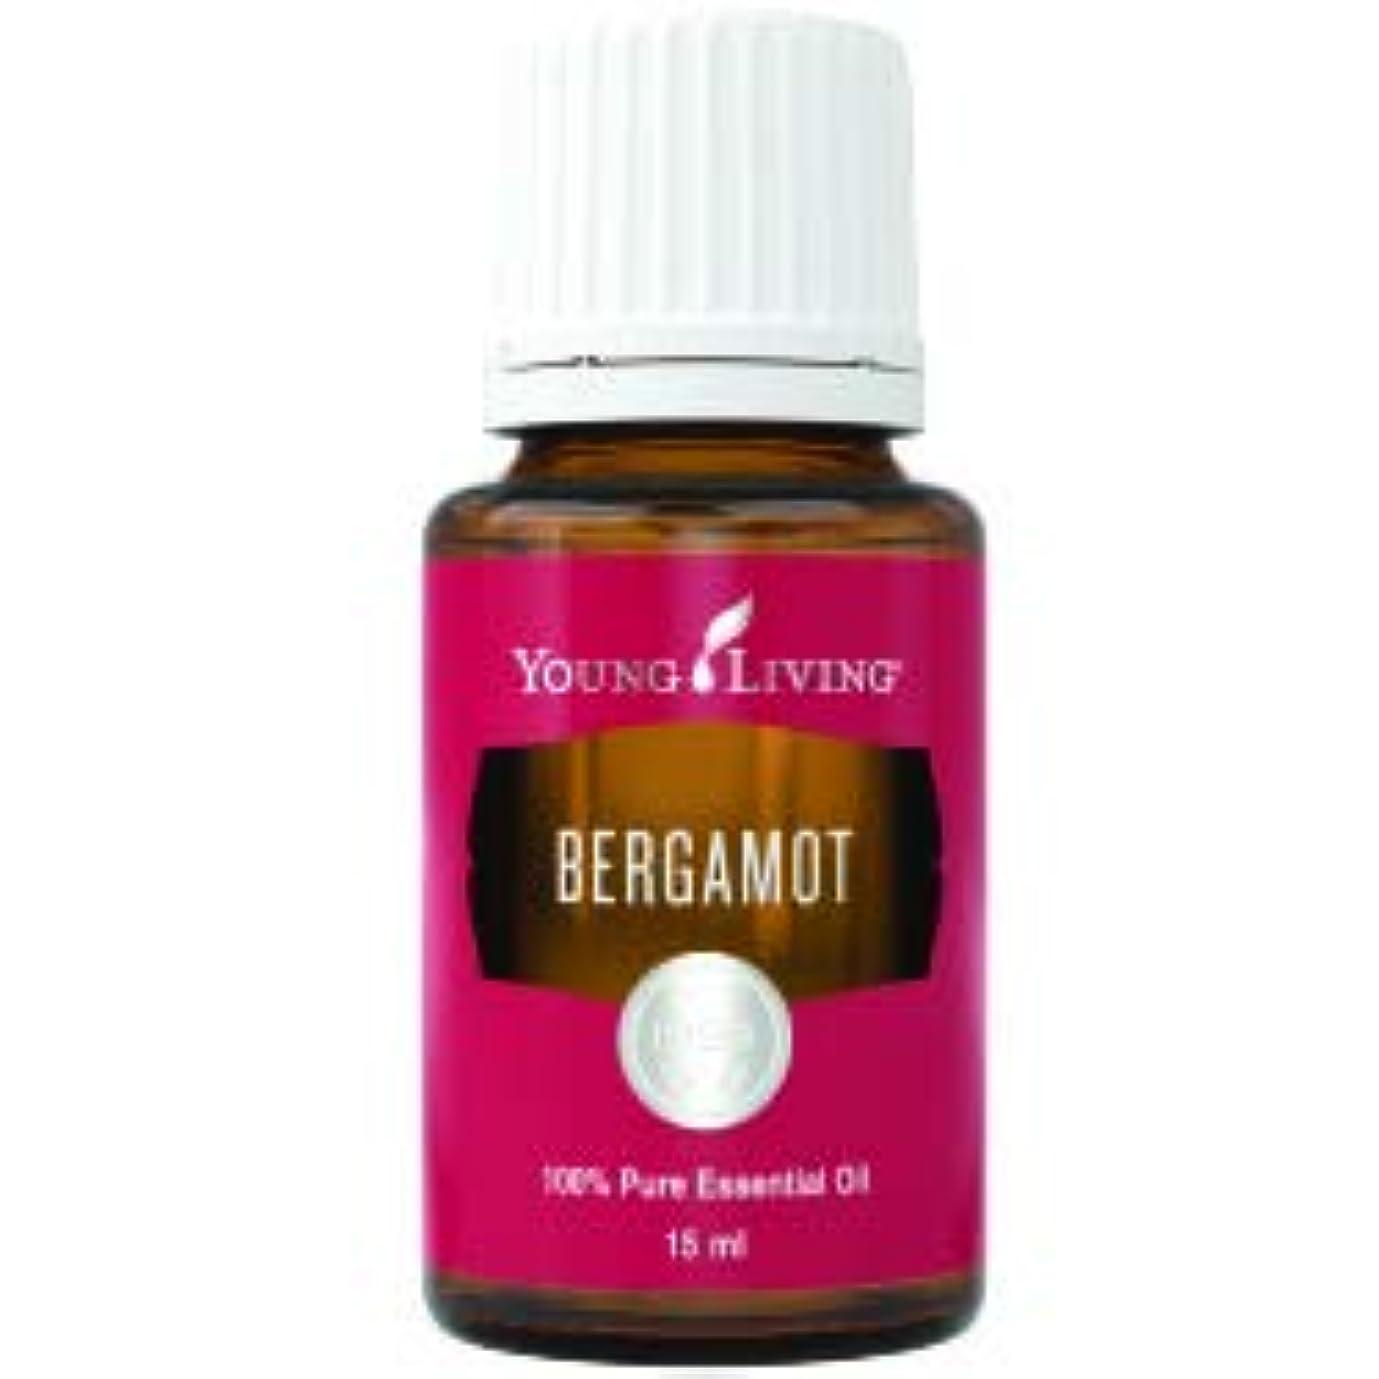 資料糸くぼみヤングリビングマレーシアのベルガモットエッセンシャルオイル15 ml Bergamot Essential Oil 15 ml by Young Living Malaysia